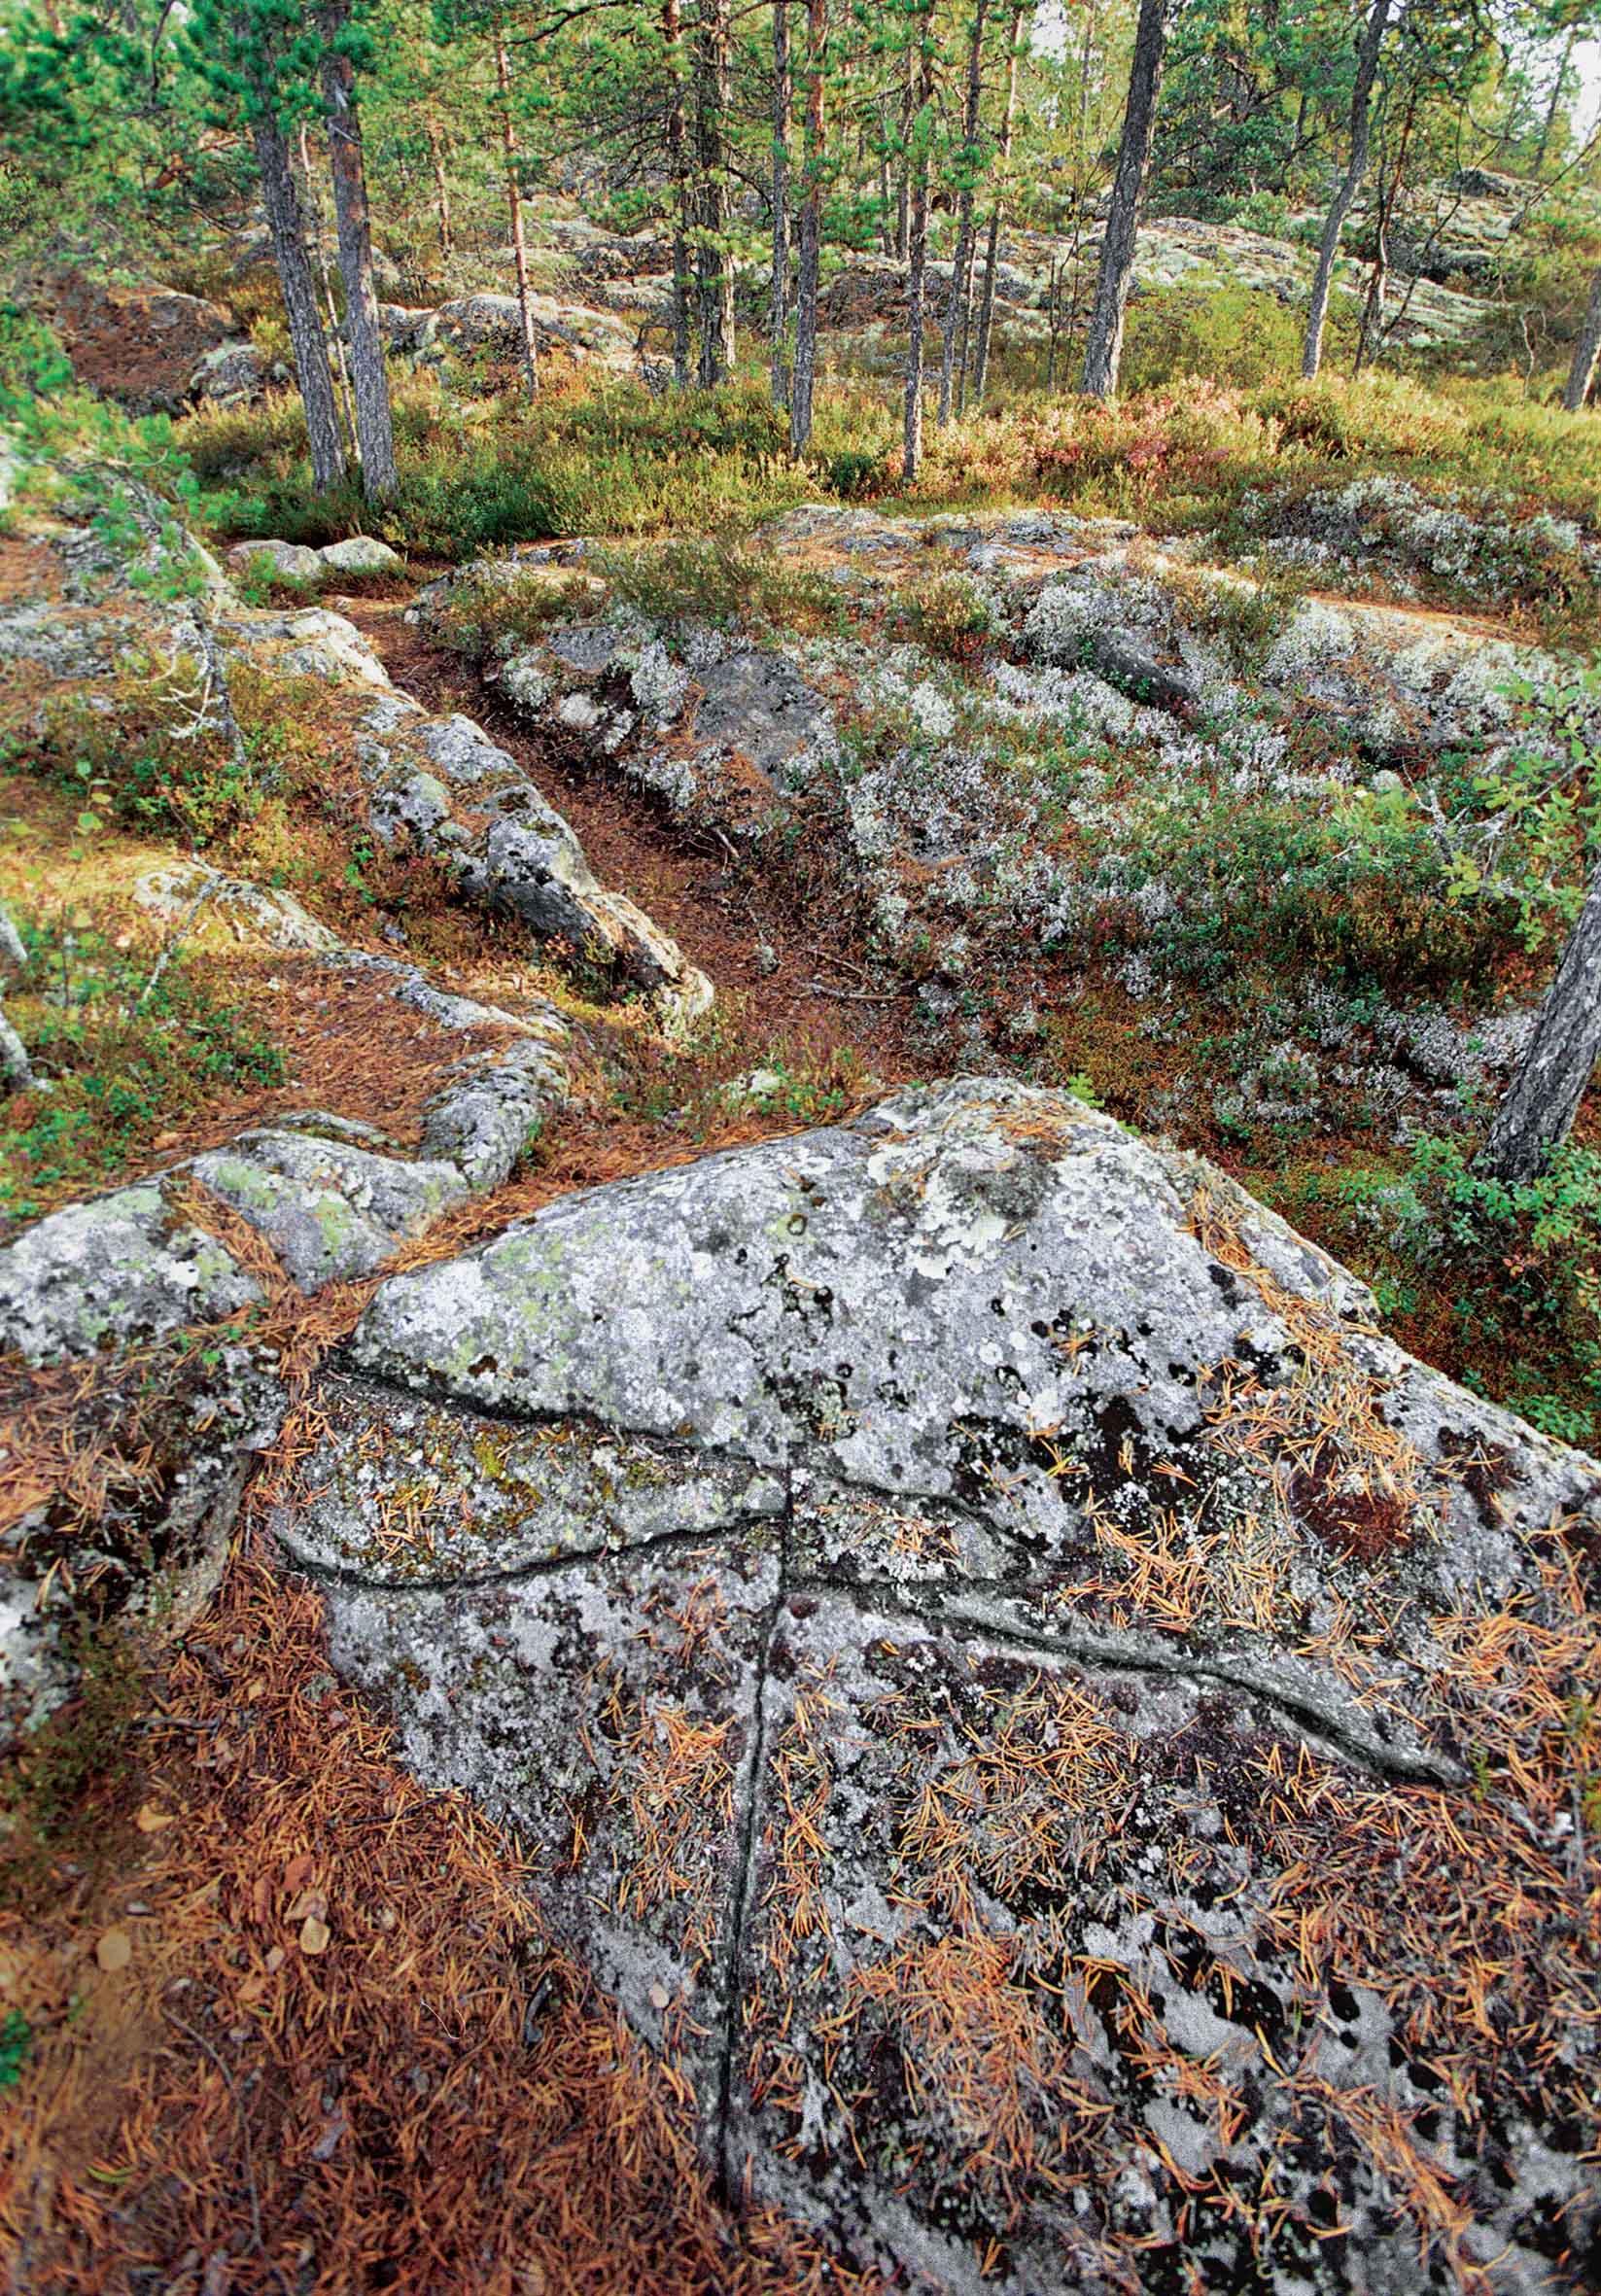 Den här inristade kompassen hittade Lars Ålgars på en klippa som var täckt av mossa i närheten av Bastuväggen på Bötombergen. Foto Mikael Herrgård.